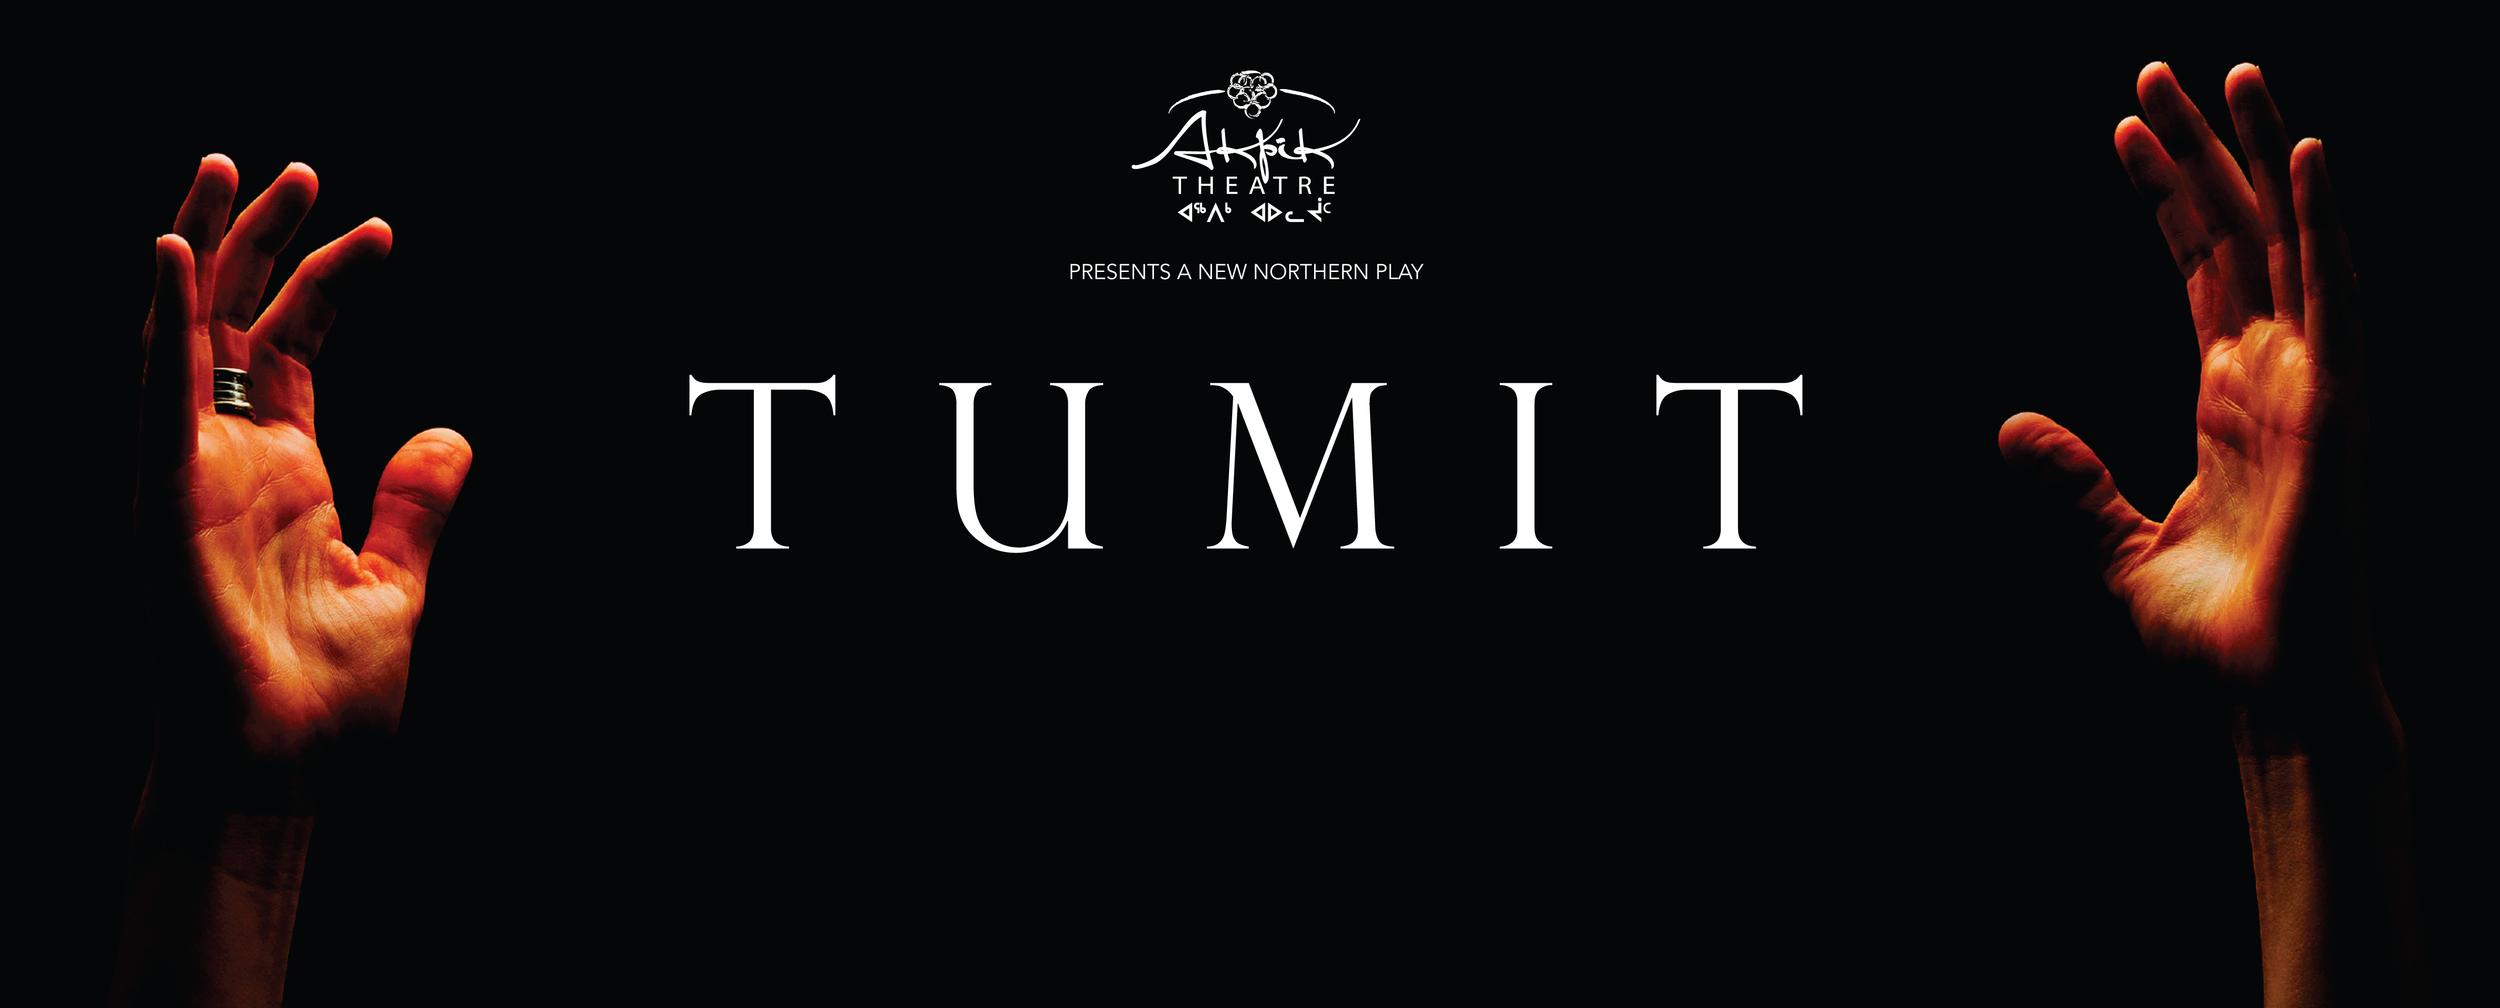 TUMIT